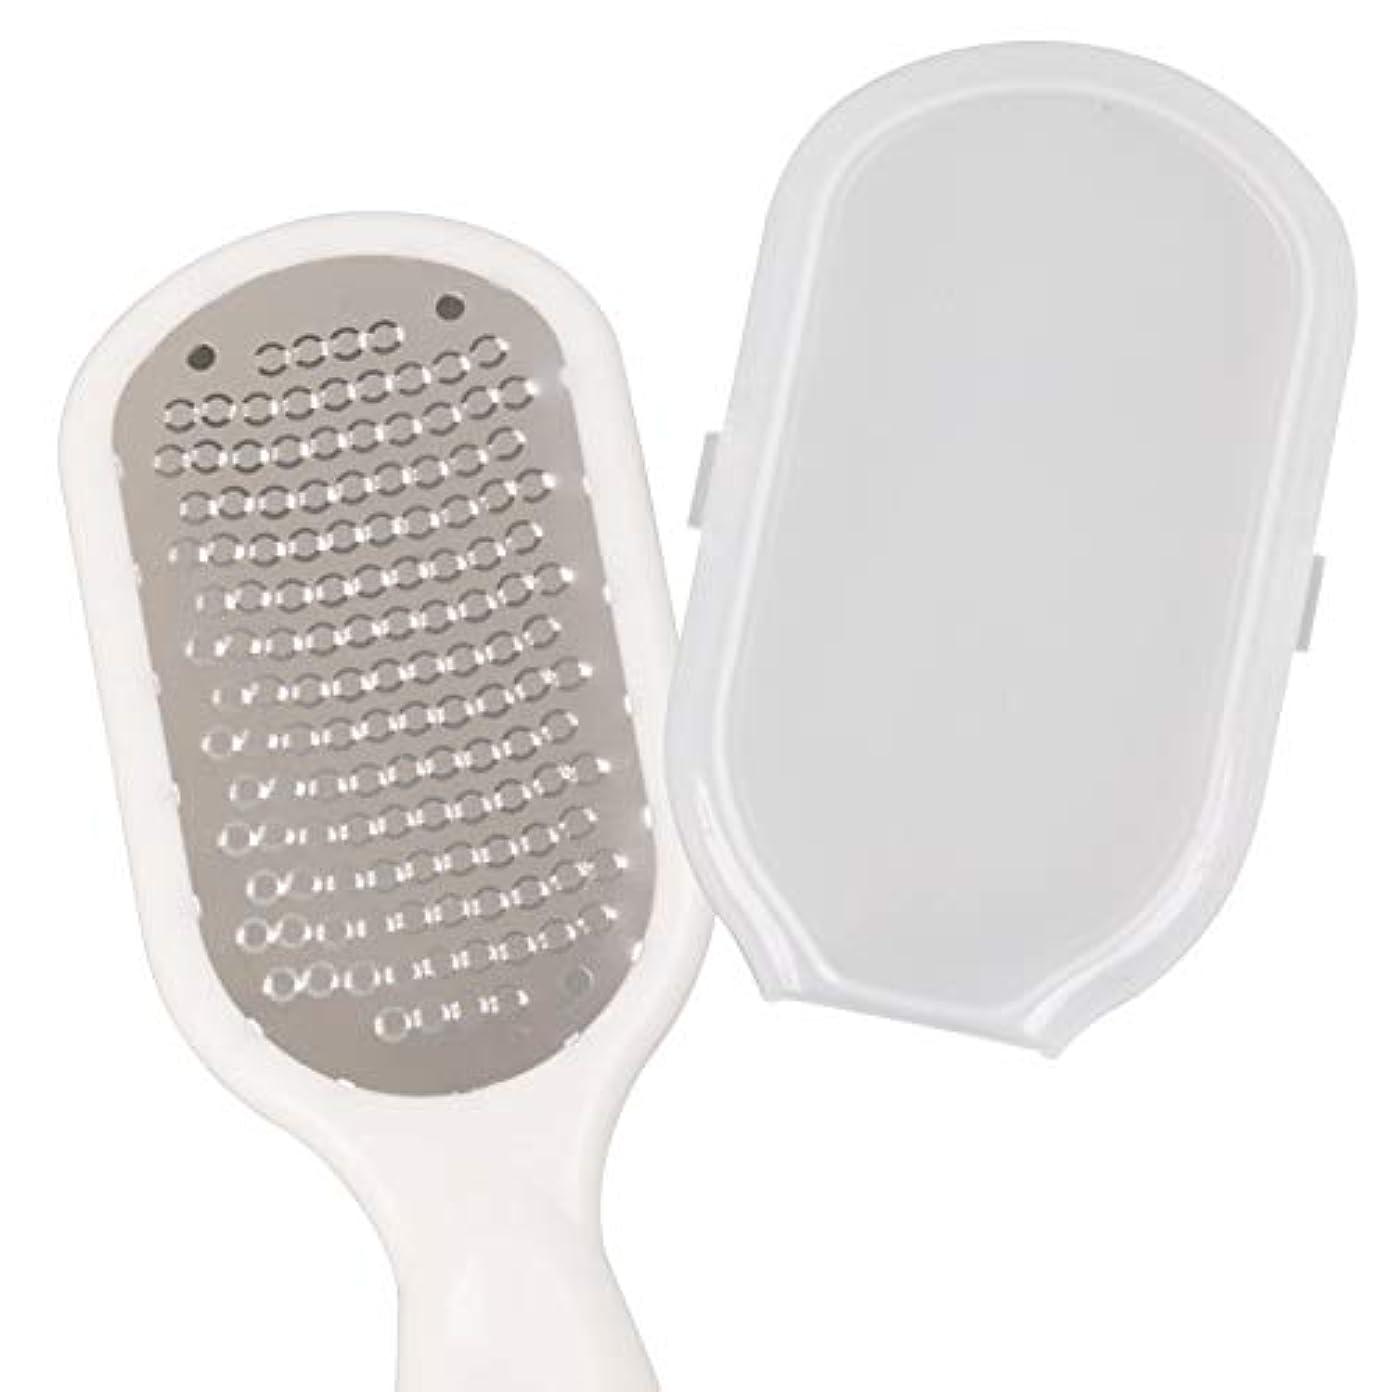 パイプ苦い称賛Climing-Beauty- かかと 角質取り かかと削り器 お風呂 防水 軽石 水洗いOK 衛生的な 角質 リムーバー 削り ケア 除去 保護カバー付 (ホワイト)